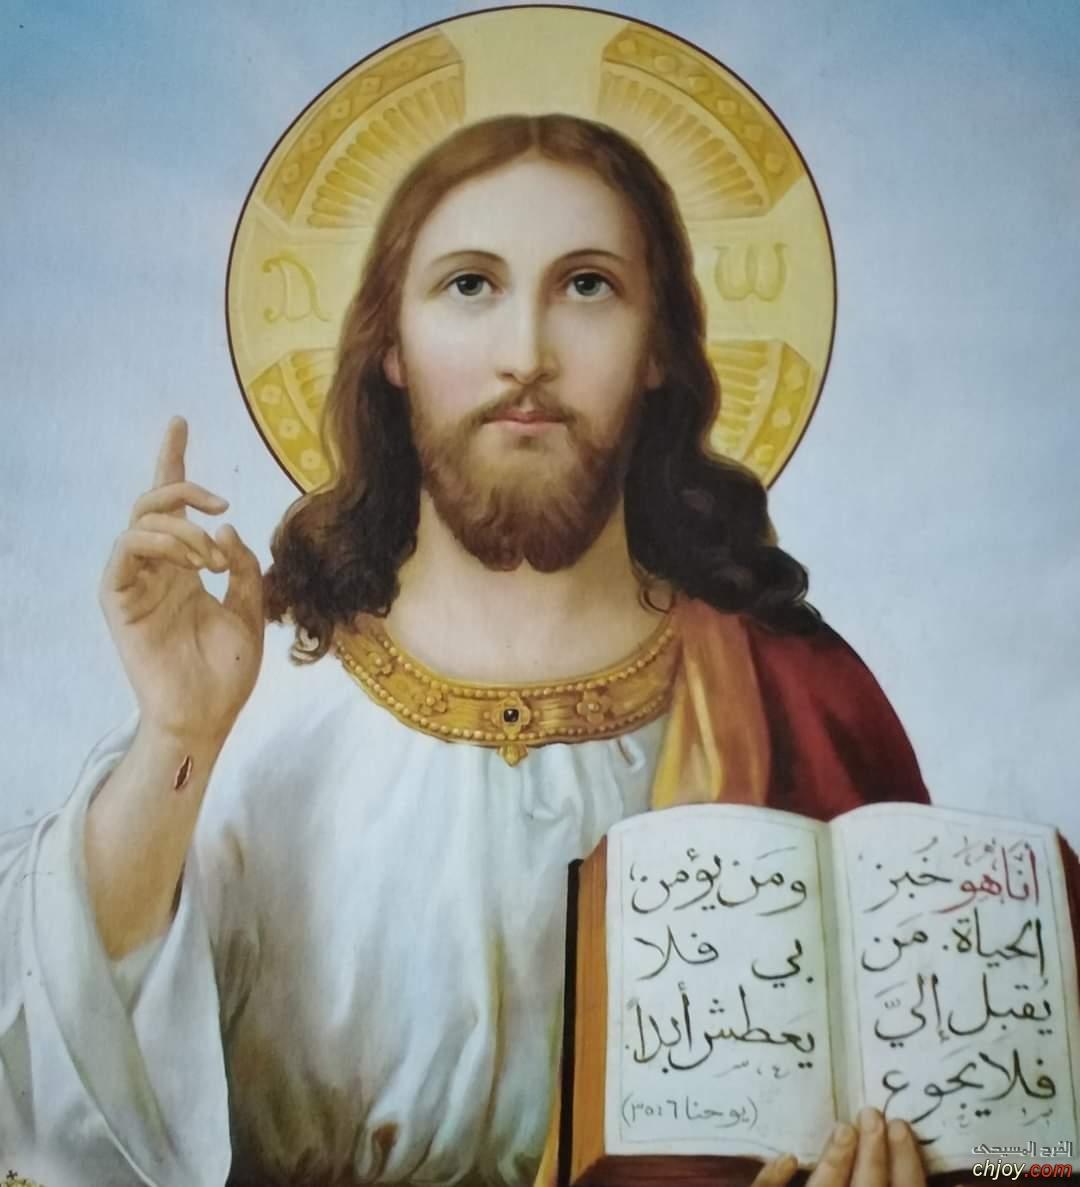 يسوع المسيح خبز الحياة ( يو ٦ : ٣٥)